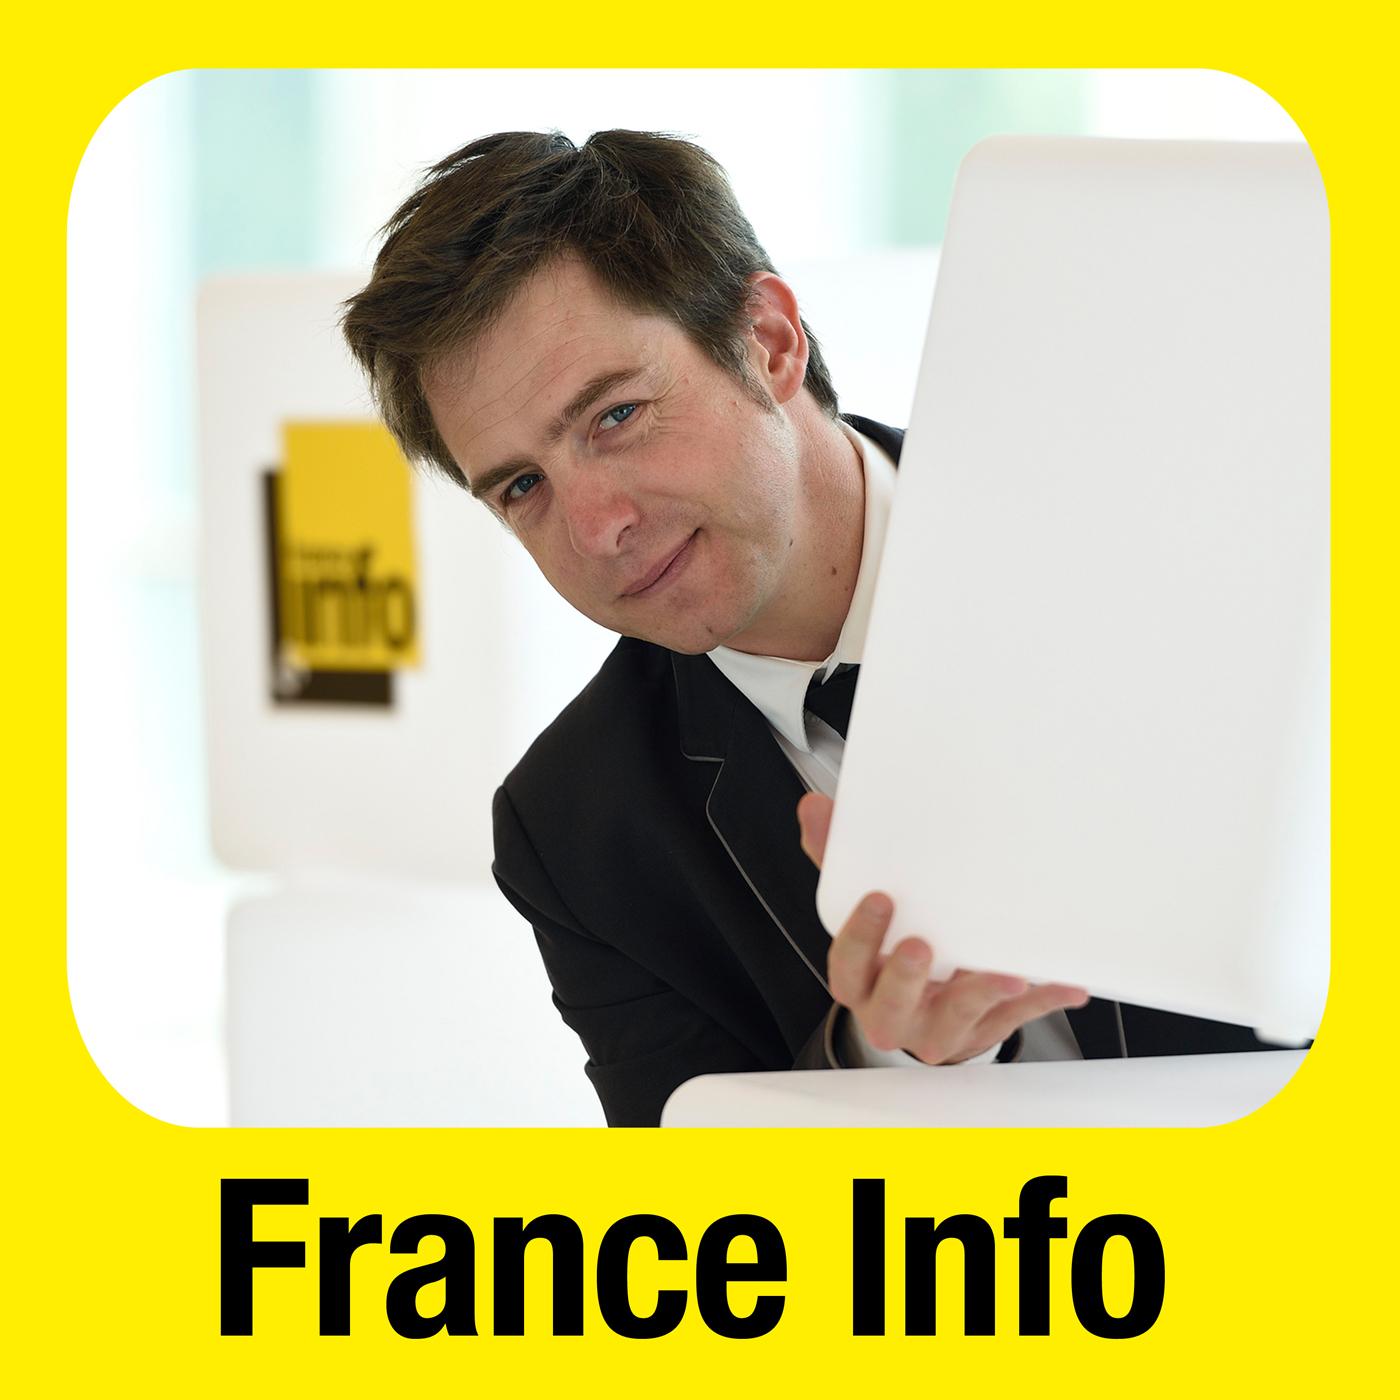 Les informés de France Info